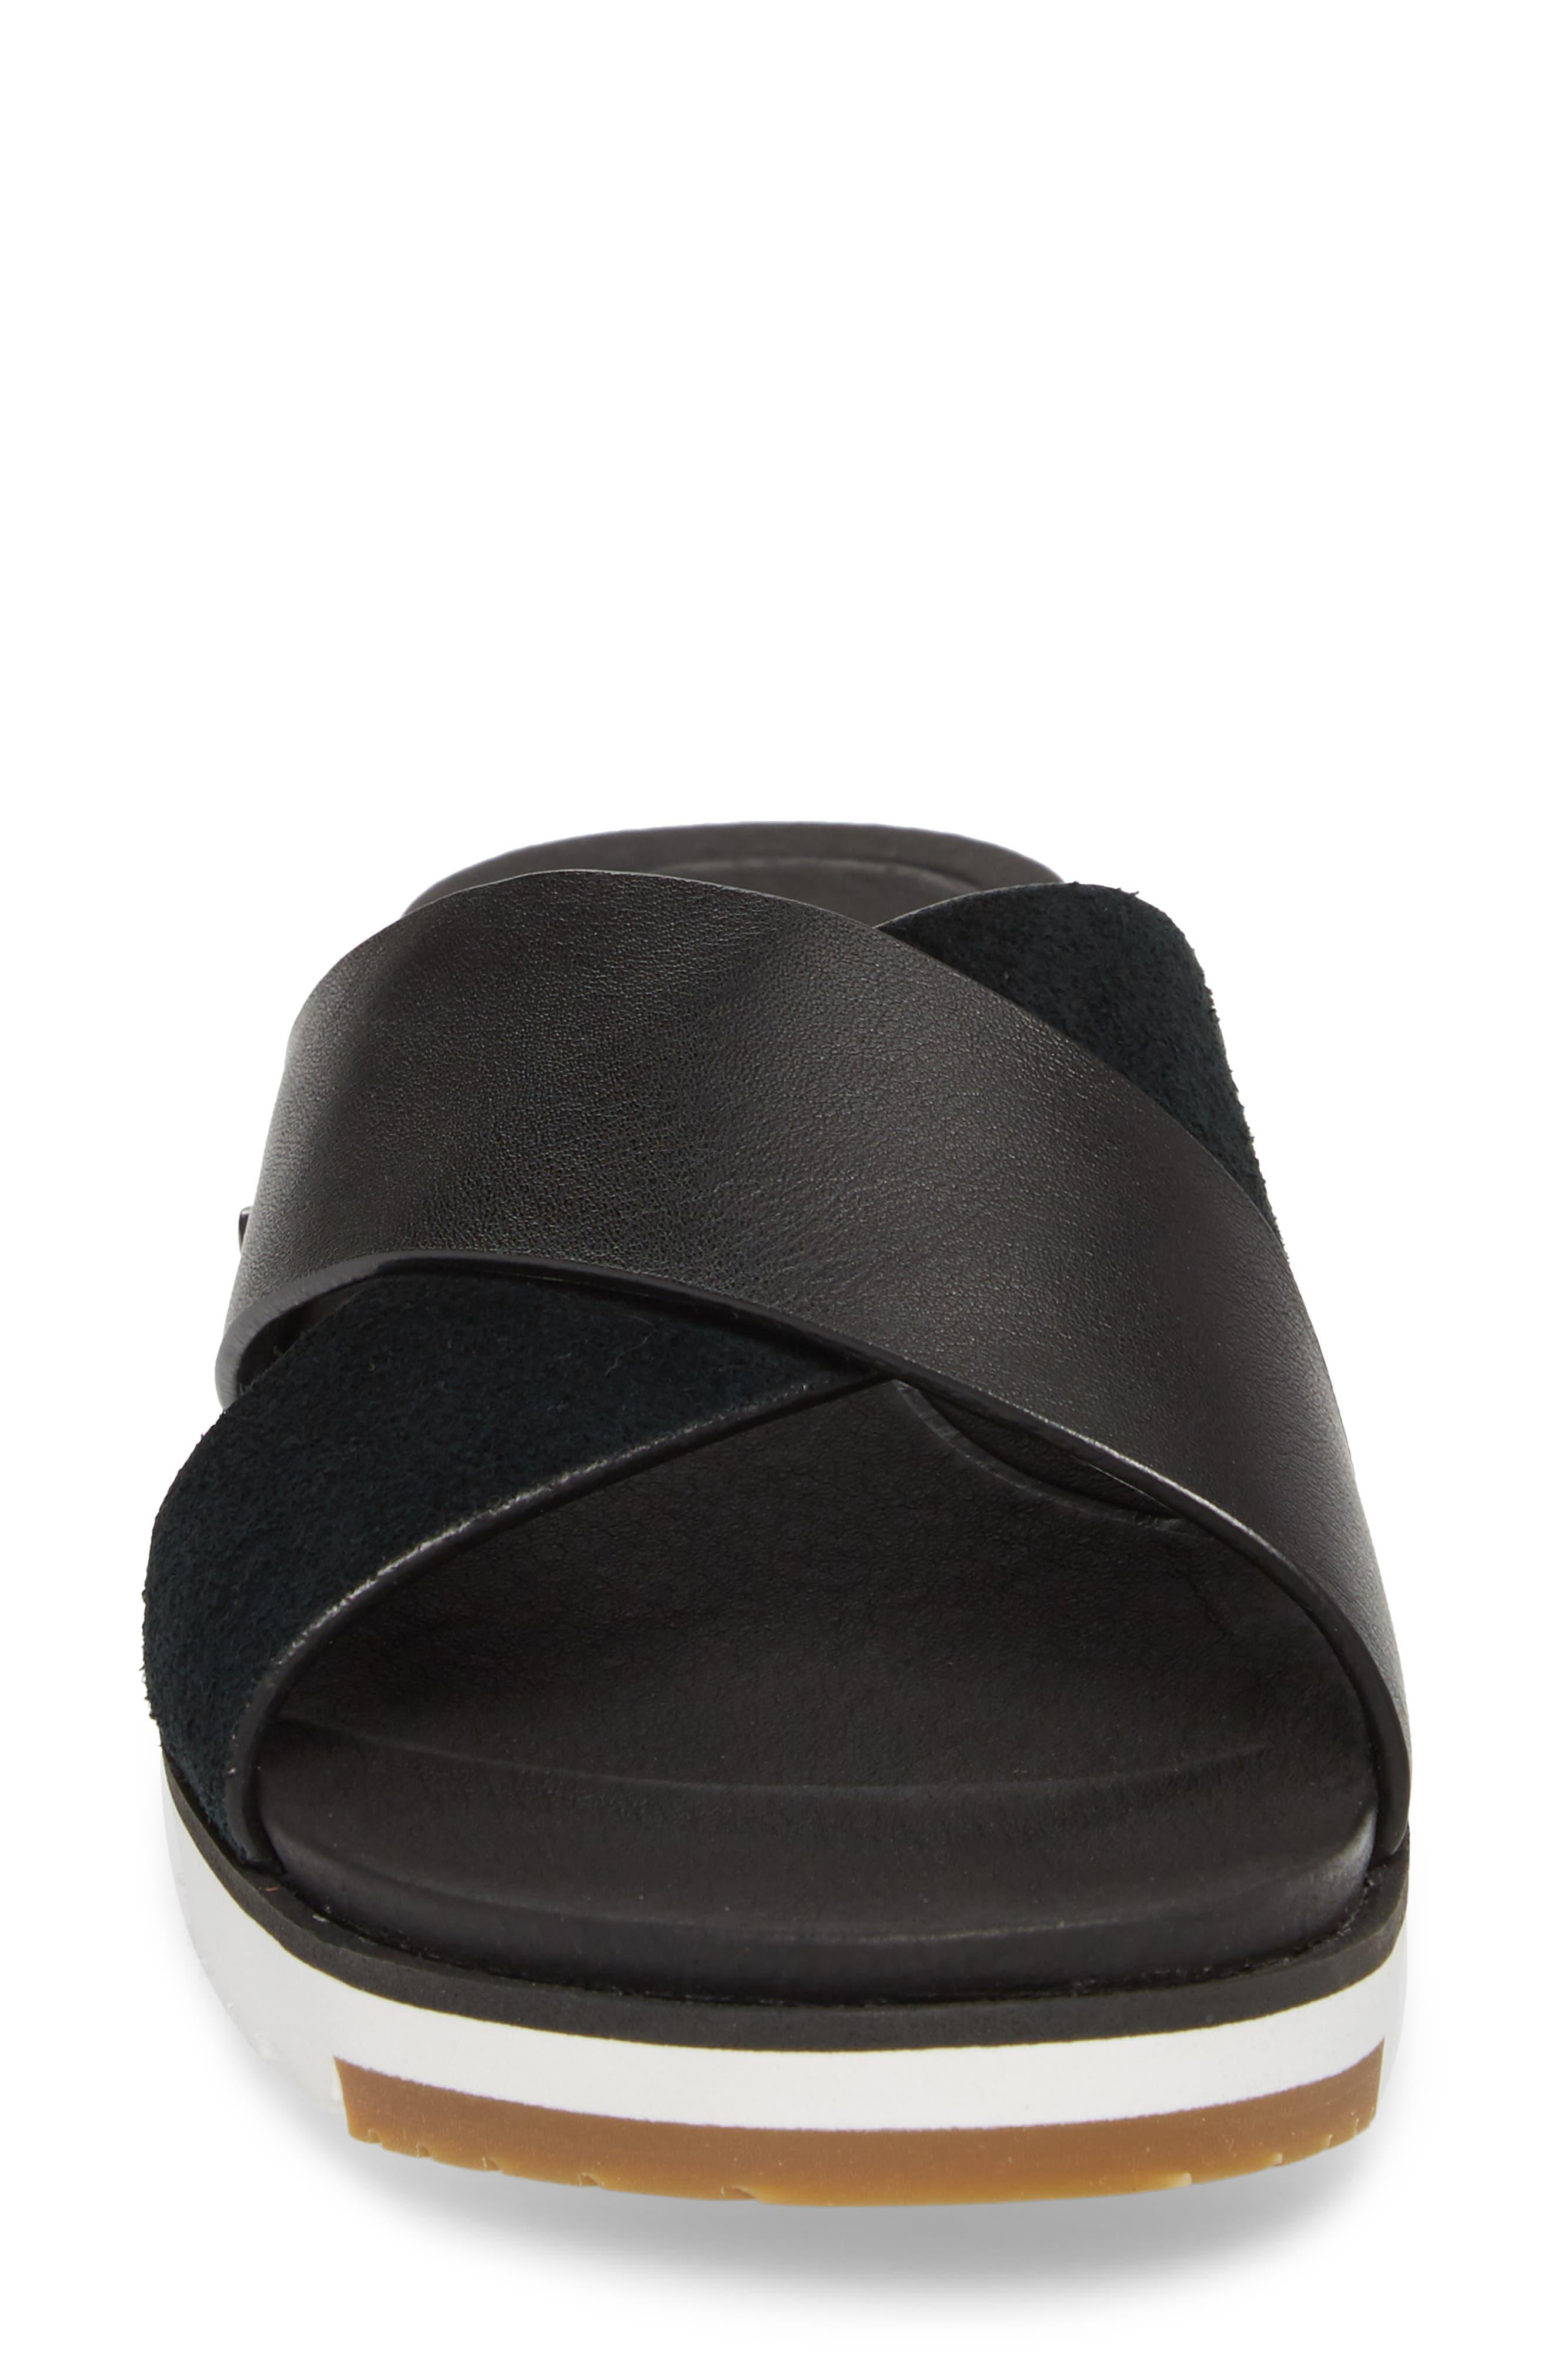 'Kari' Sandal,                             Alternate thumbnail 4, color,                             BLACK